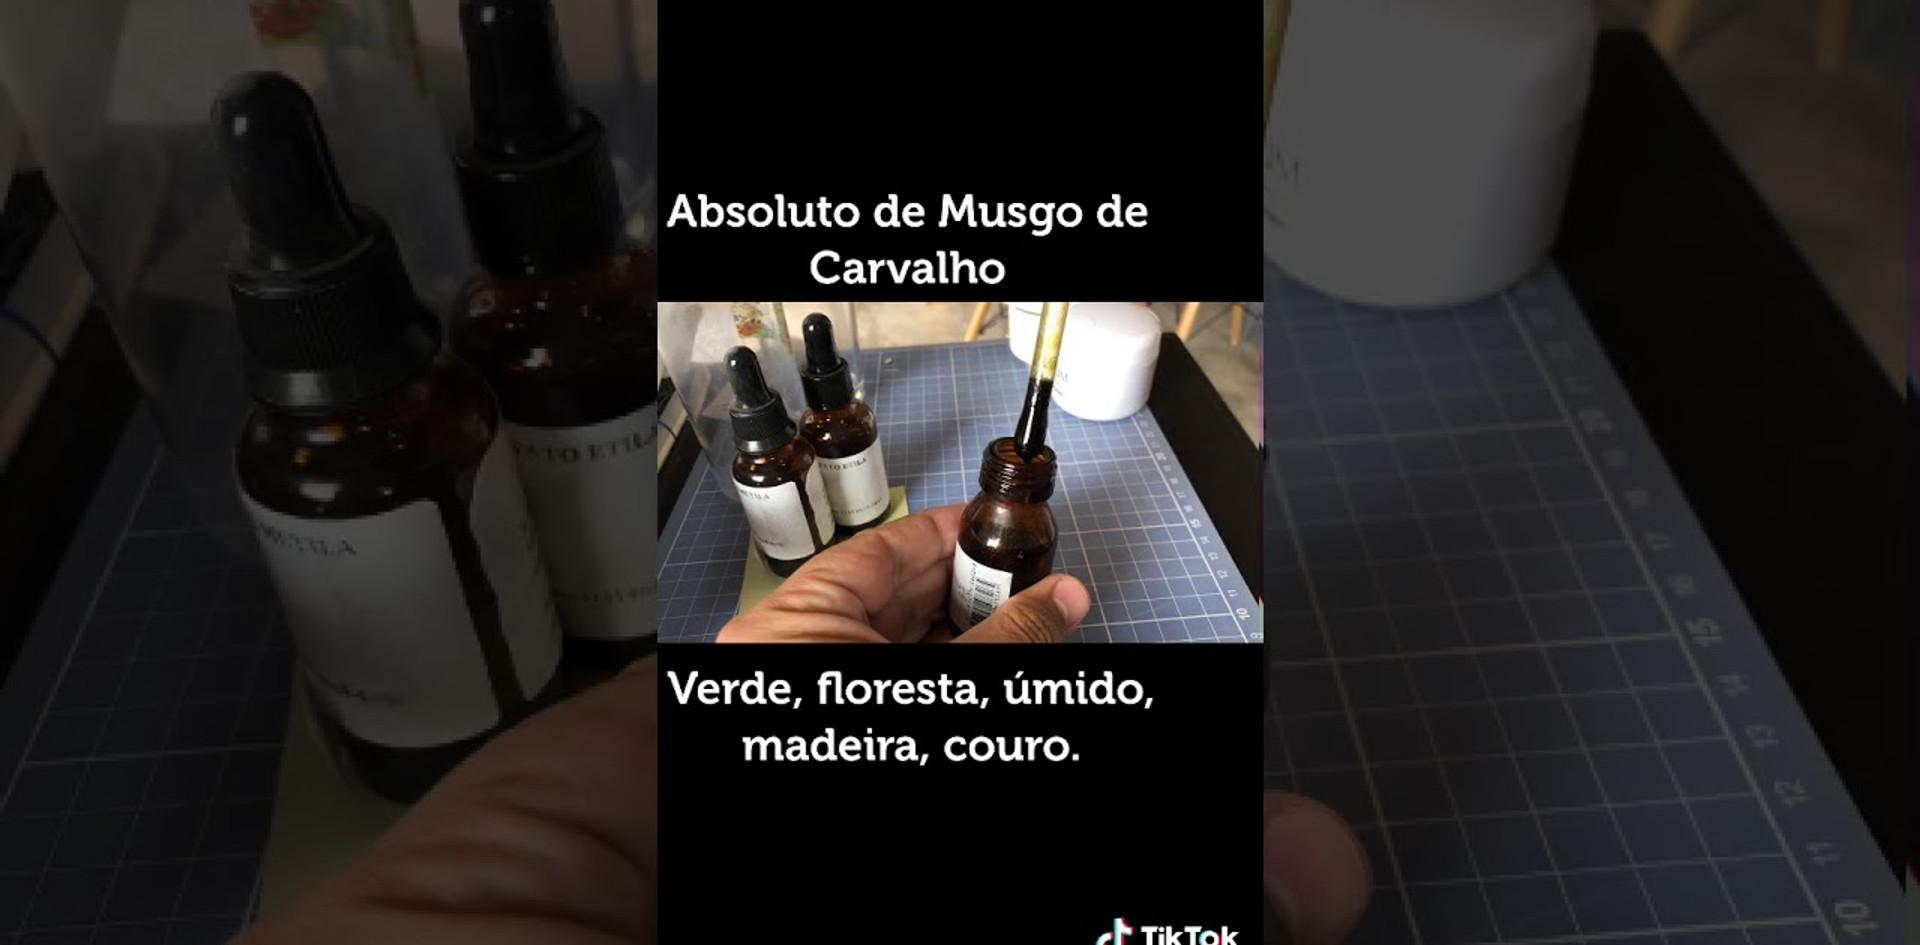 Absoluto de Musgo de Carvalho